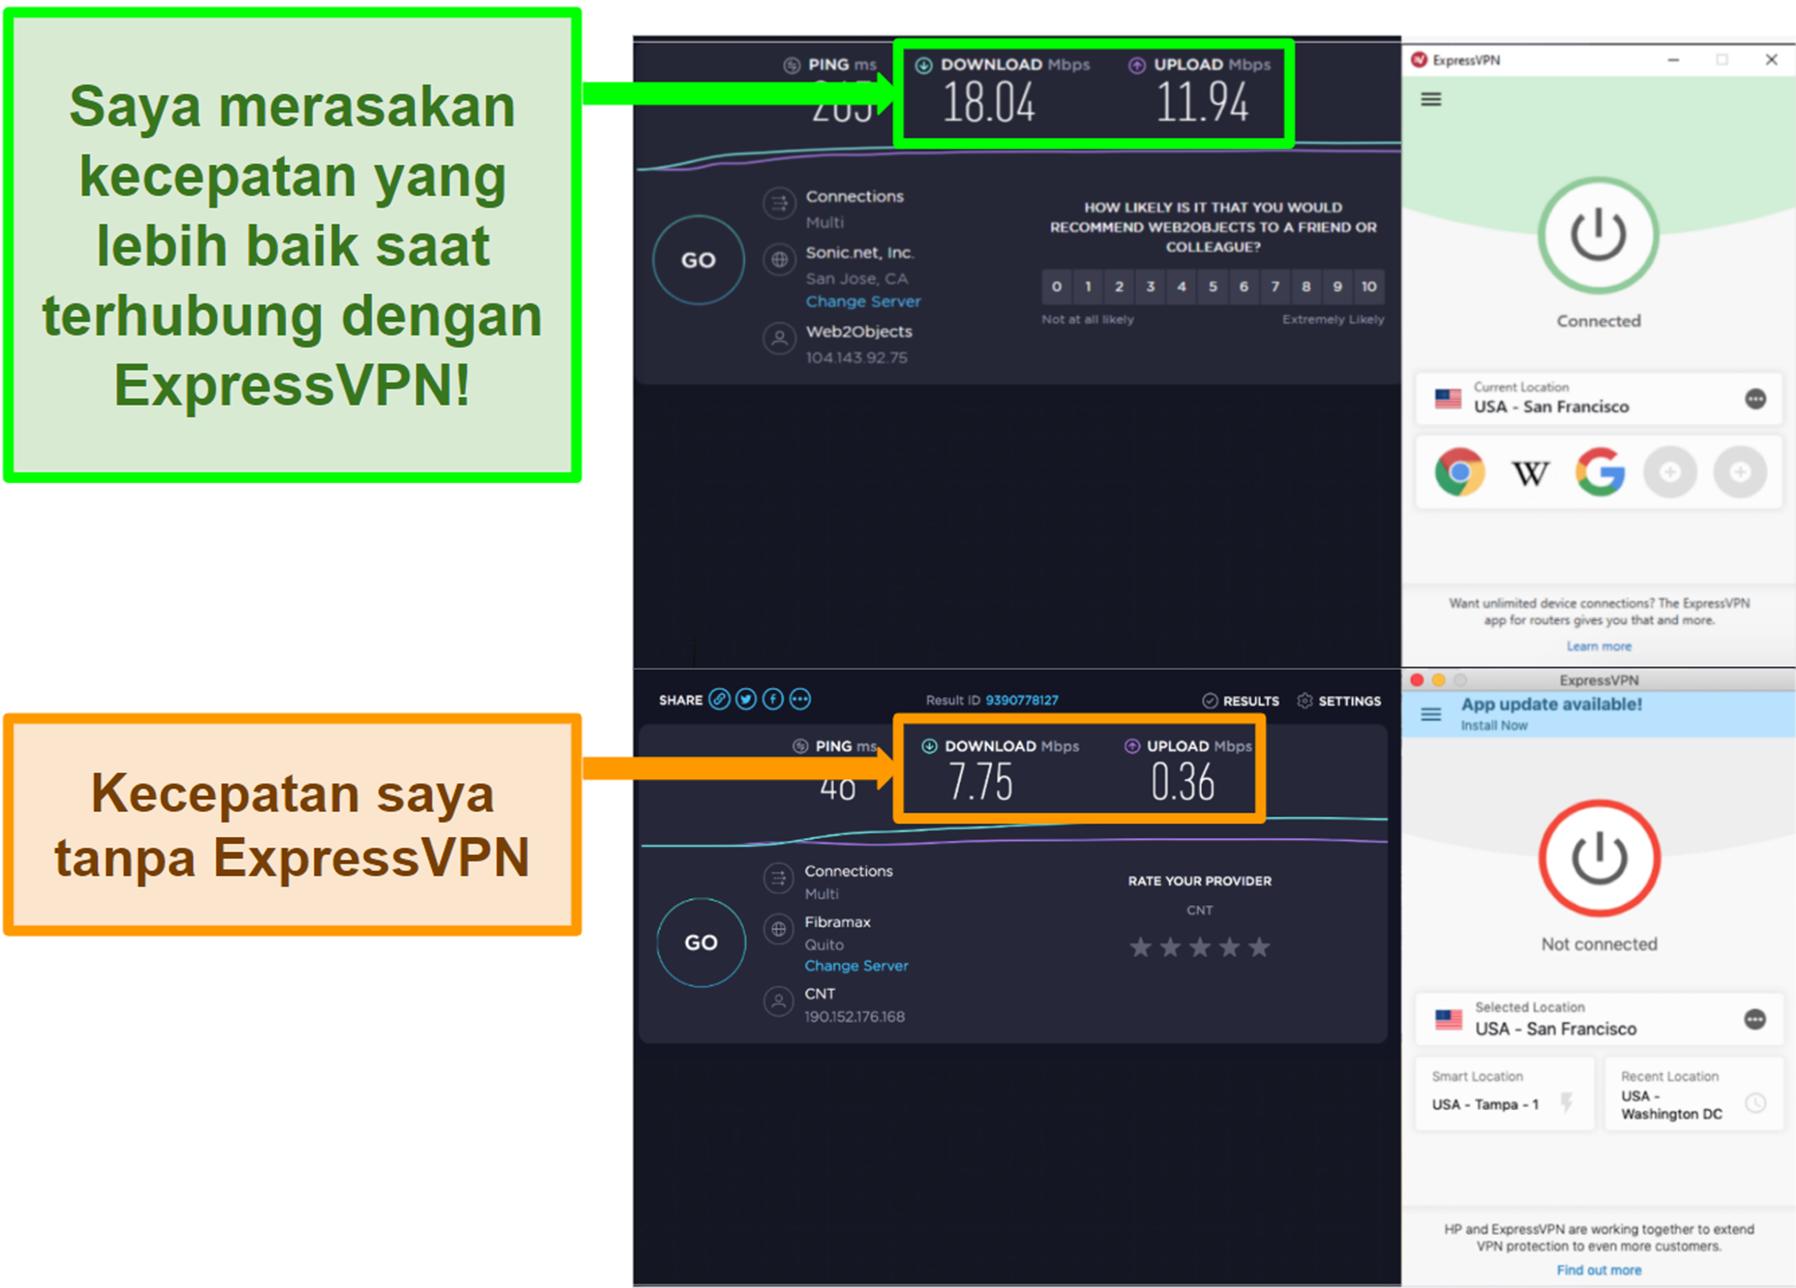 ExpressVPN meningkatkan kecepatan saya ketika terhubung ke server AS